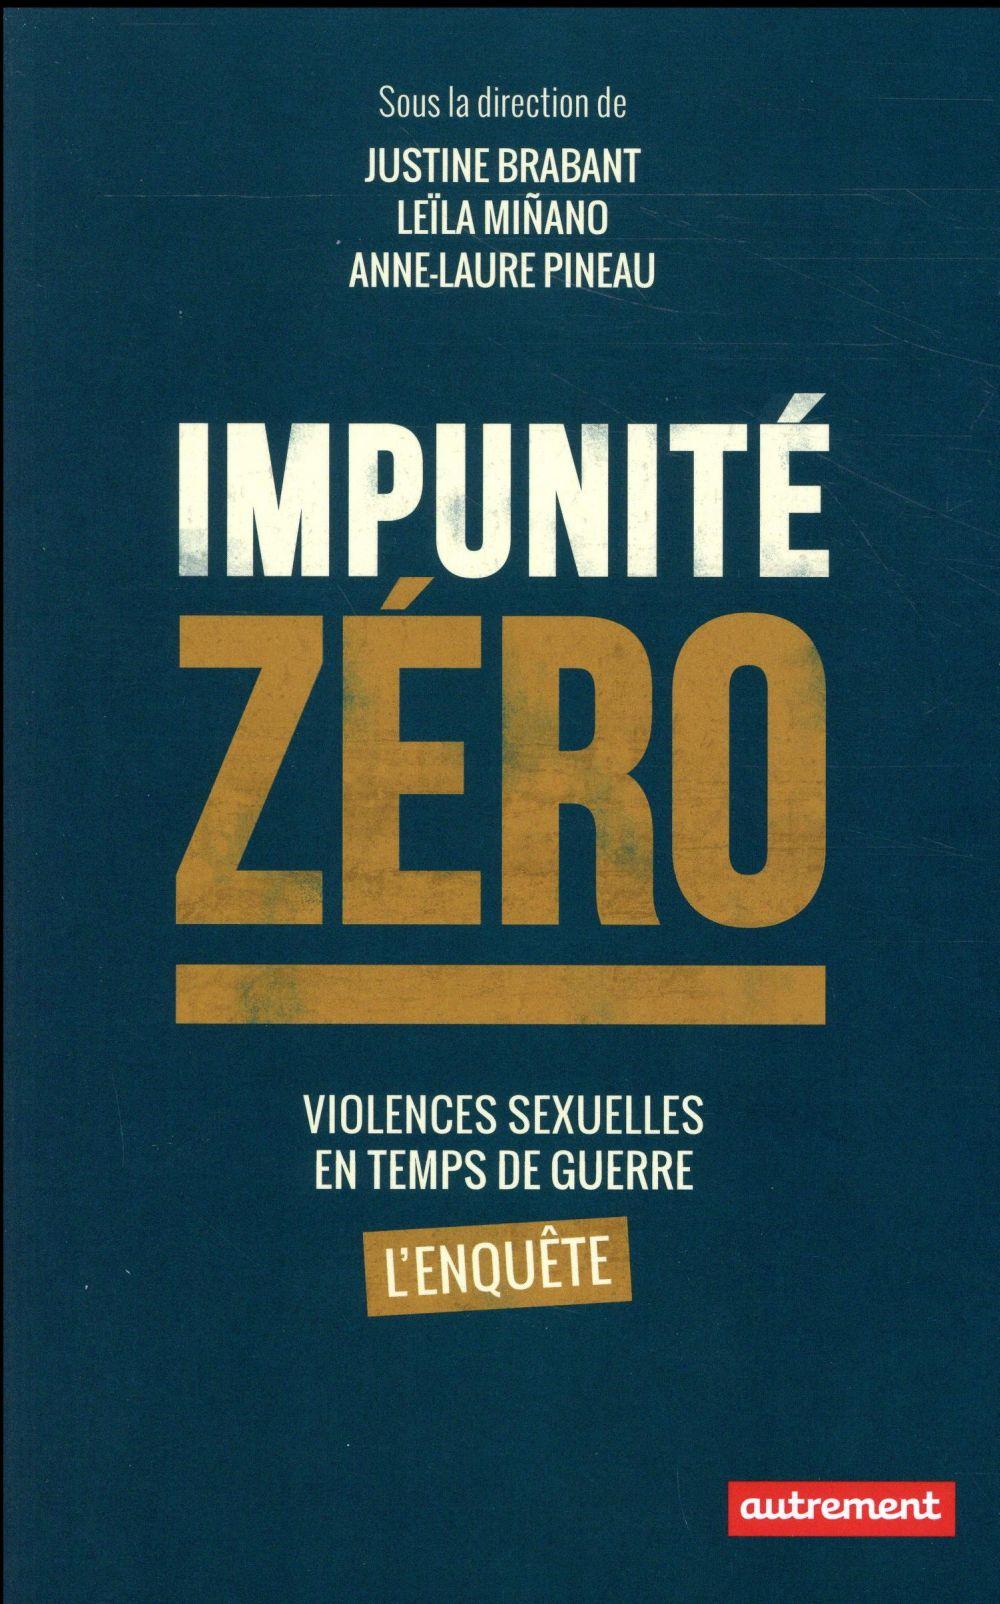 Impunité zéro ; violences sexuelles en temps de guerre, l'enquête